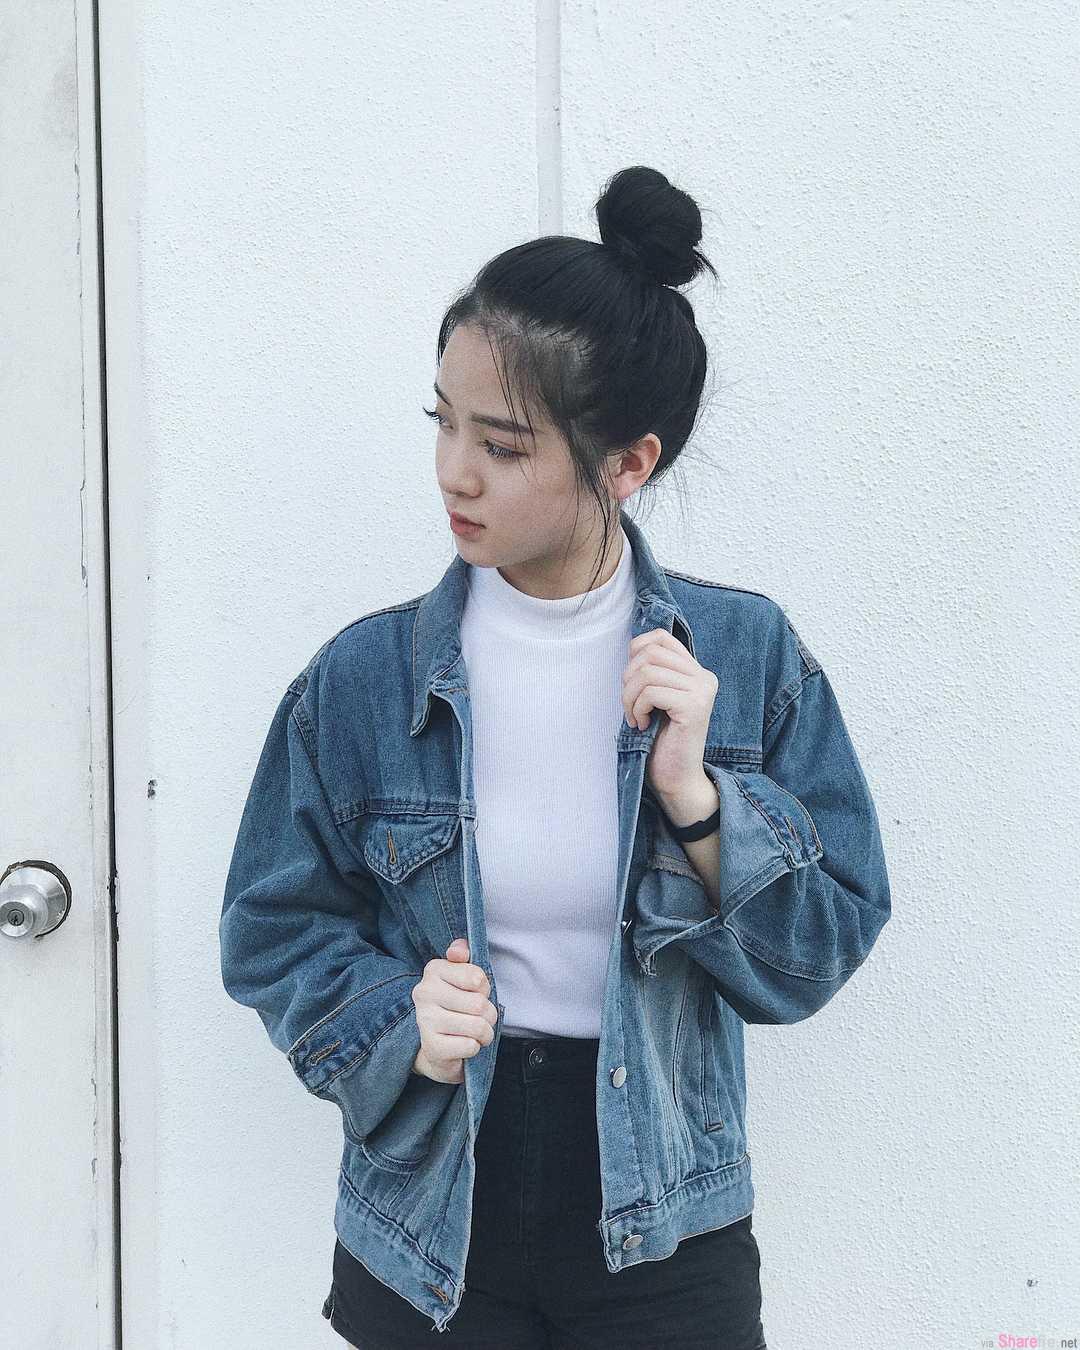 大马正妹Sharon Lim,超正五官逆天长腿,气质超过100分